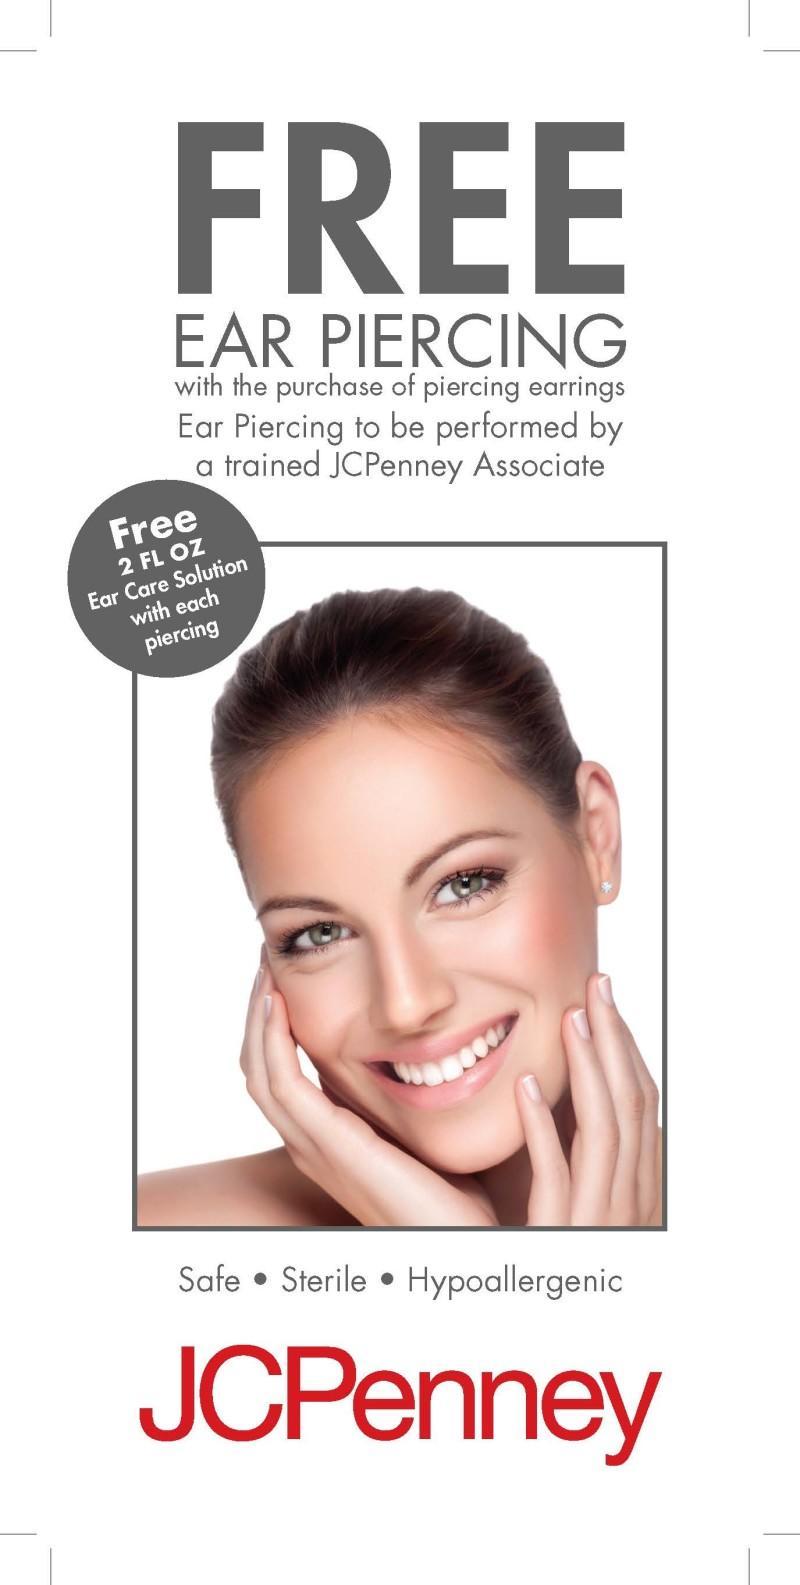 Ear Piercing from JCPenney